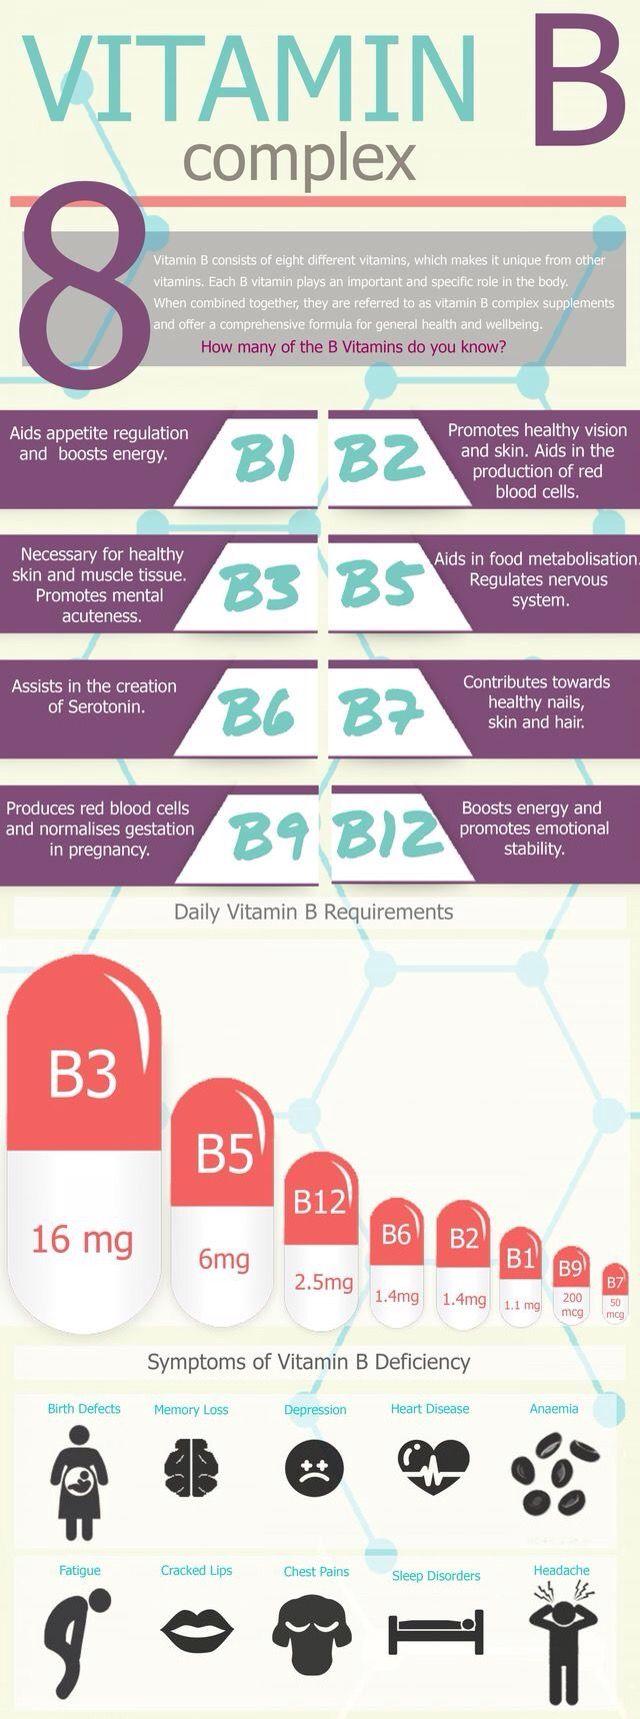 vitamin B complex facts benefits